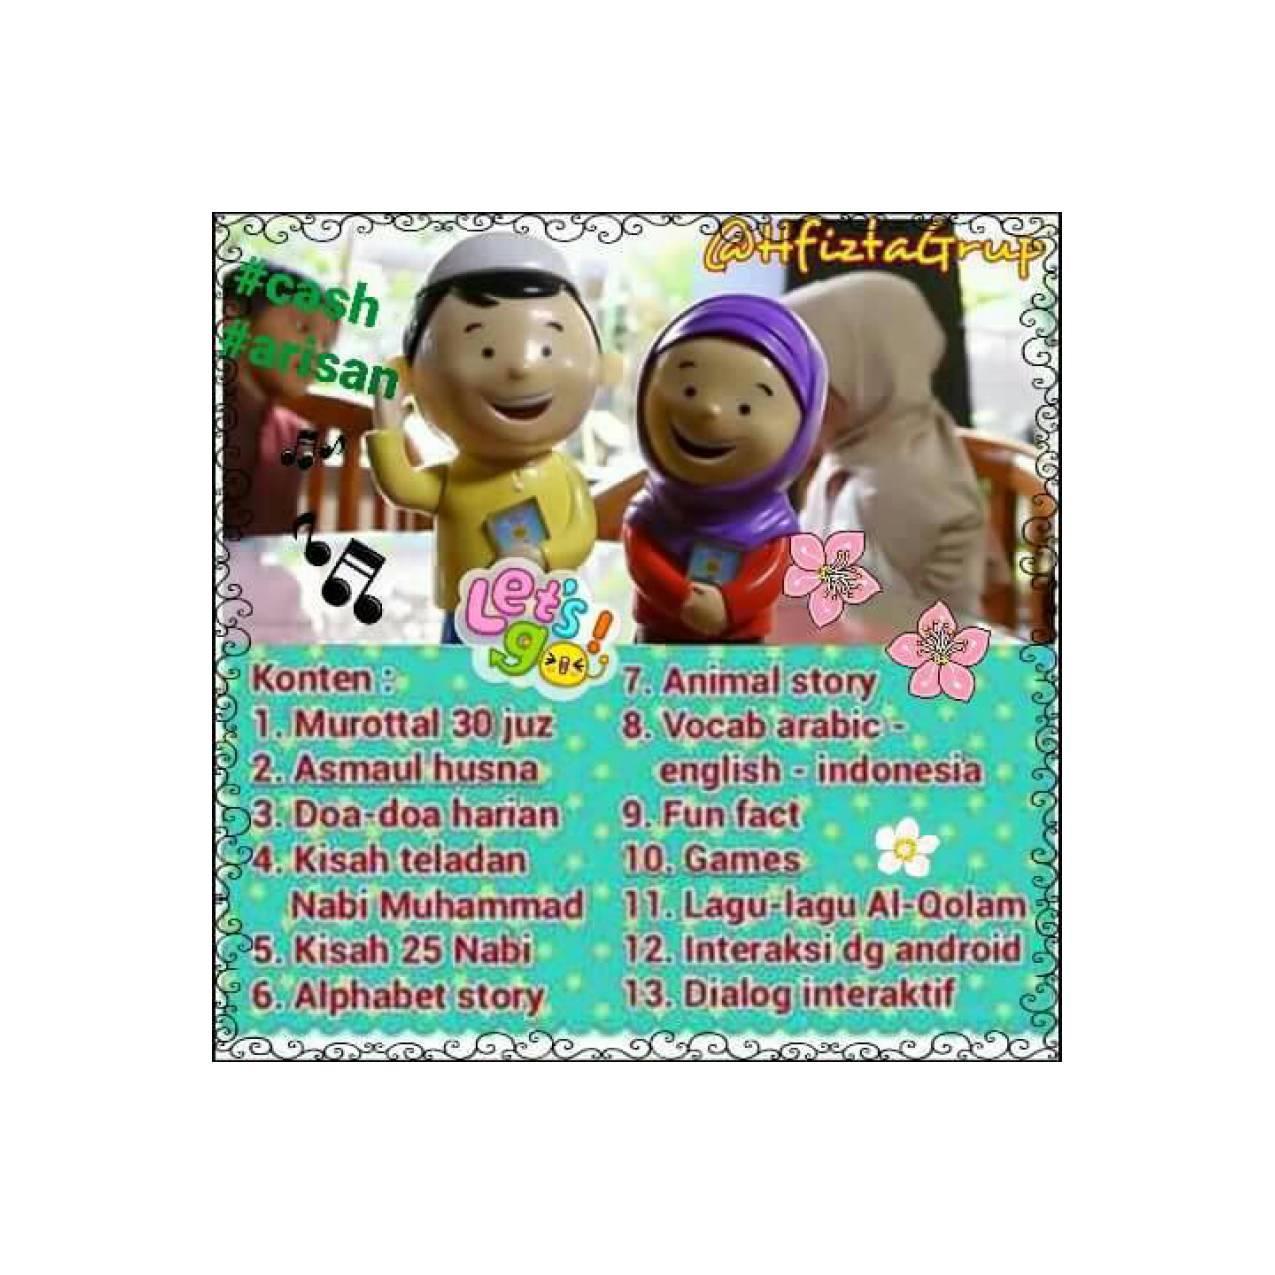 Al Qolam Hafiz Talking Doll Boneka Bisa Mengaji Dan Berbicara - Daftar Harga Terkini dan Terlengkap